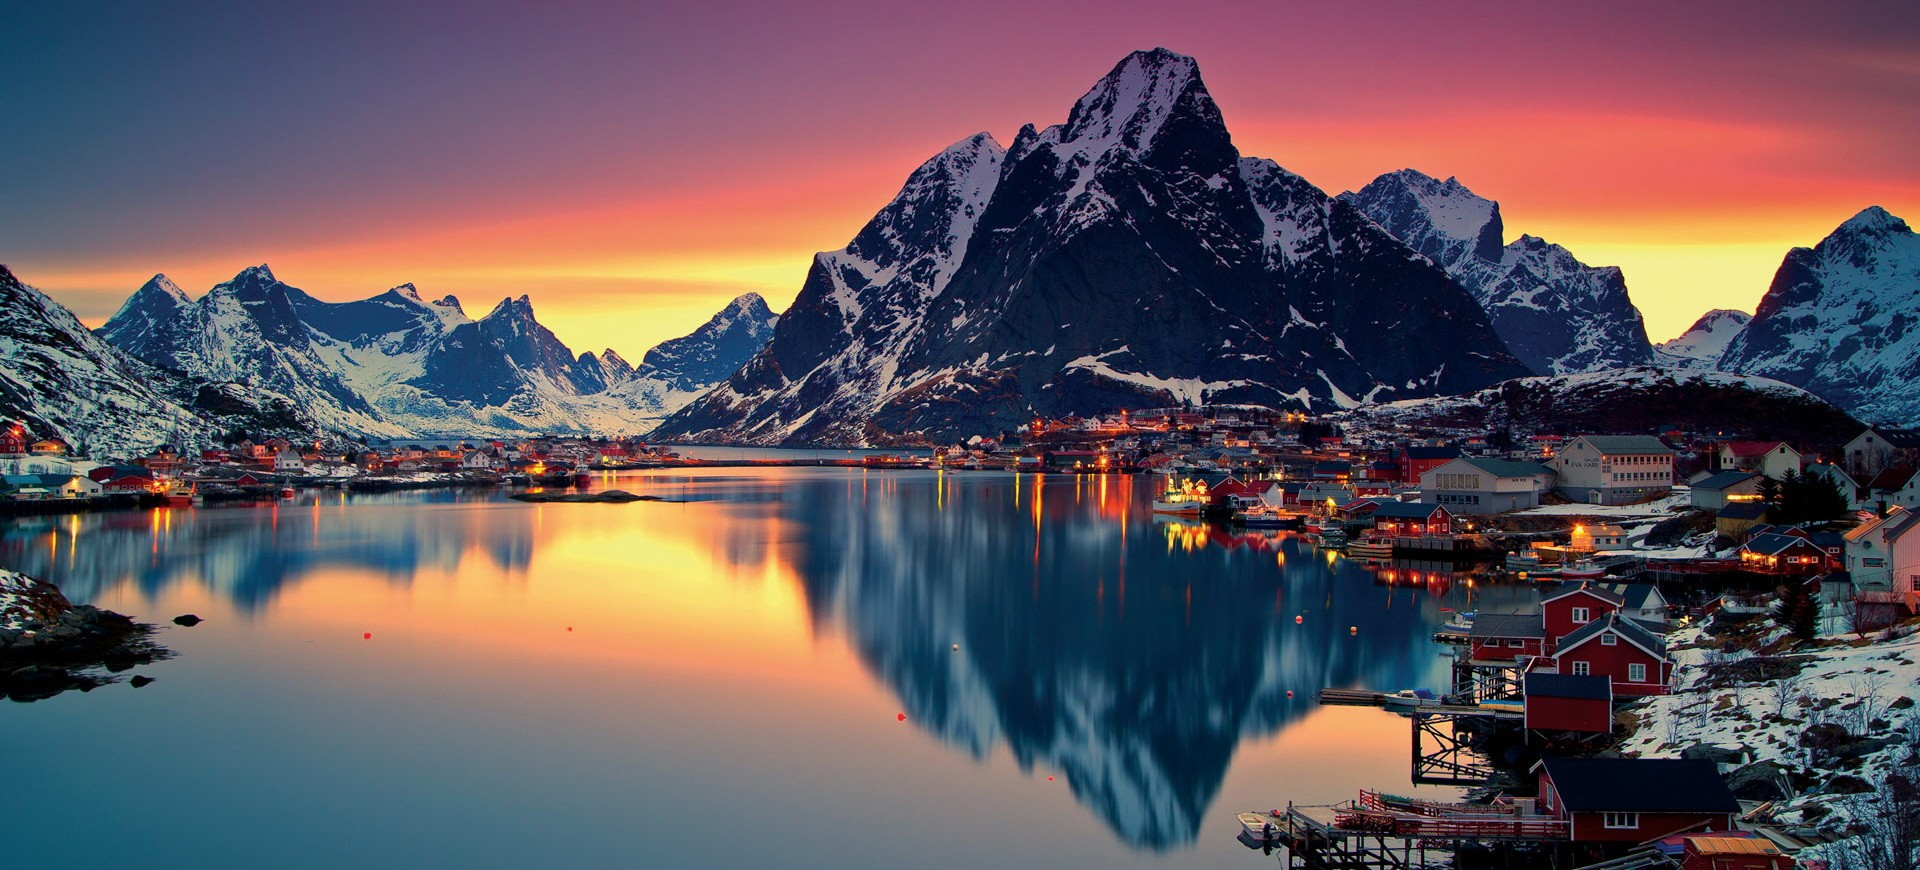 Iles Lofoten Reine en Norvège